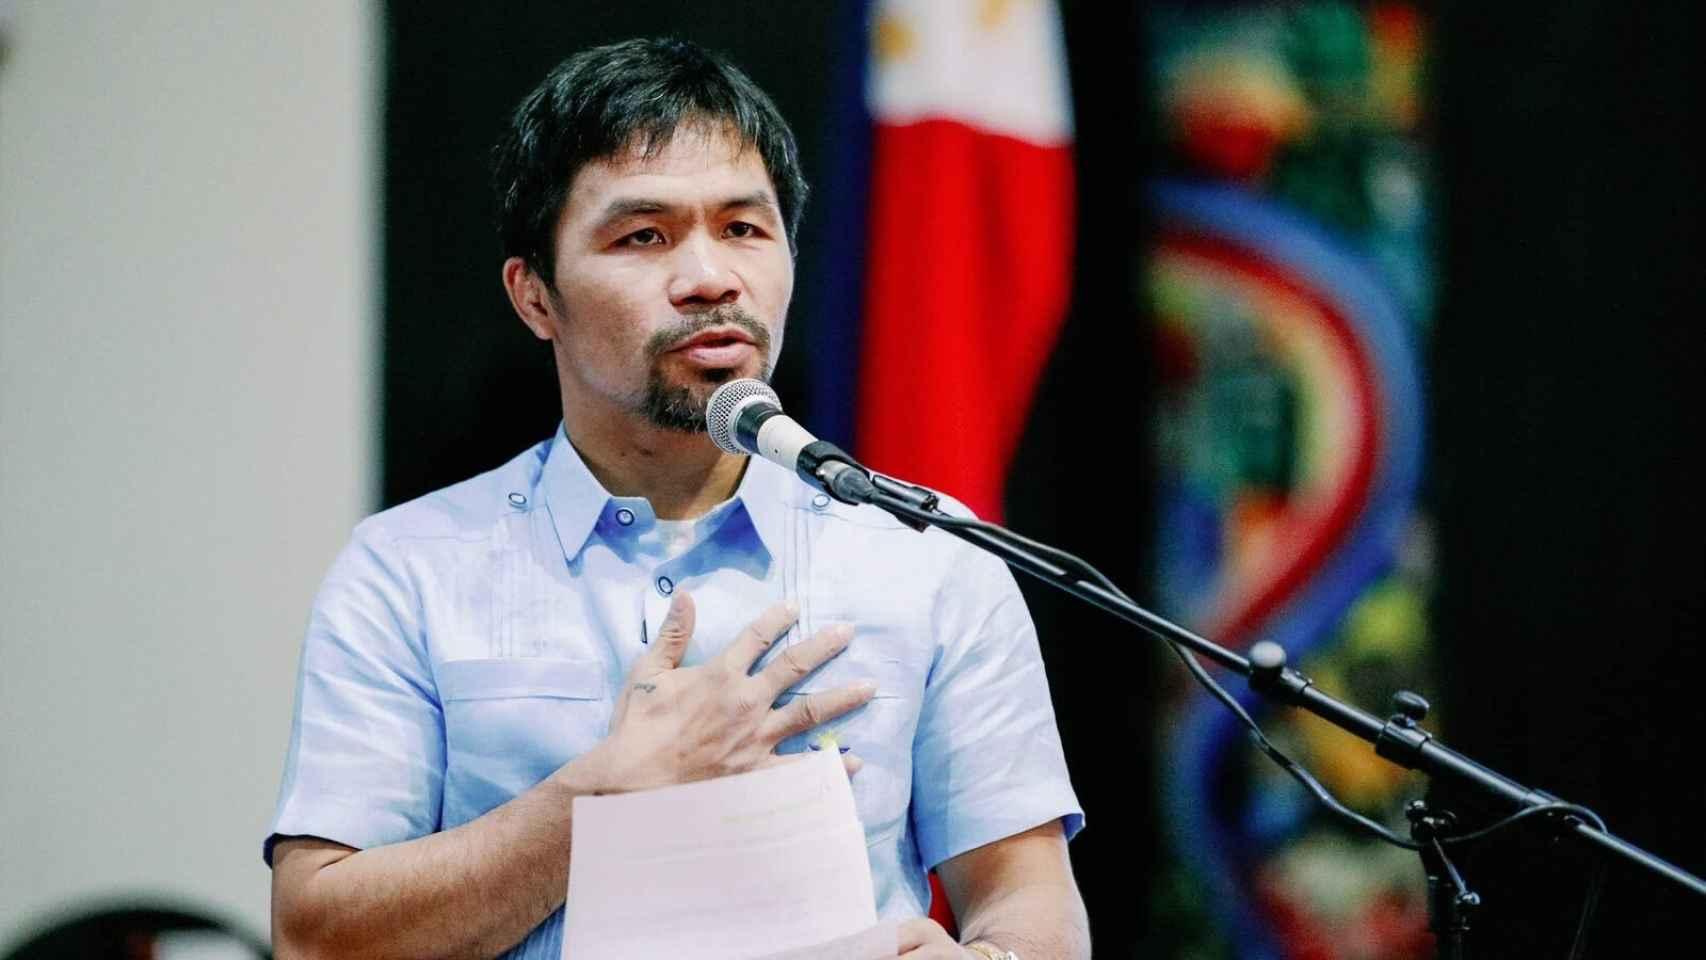 Manny Pacquiao, ¿candidato en 2022?: elegido presidente del partido  político de Duterte